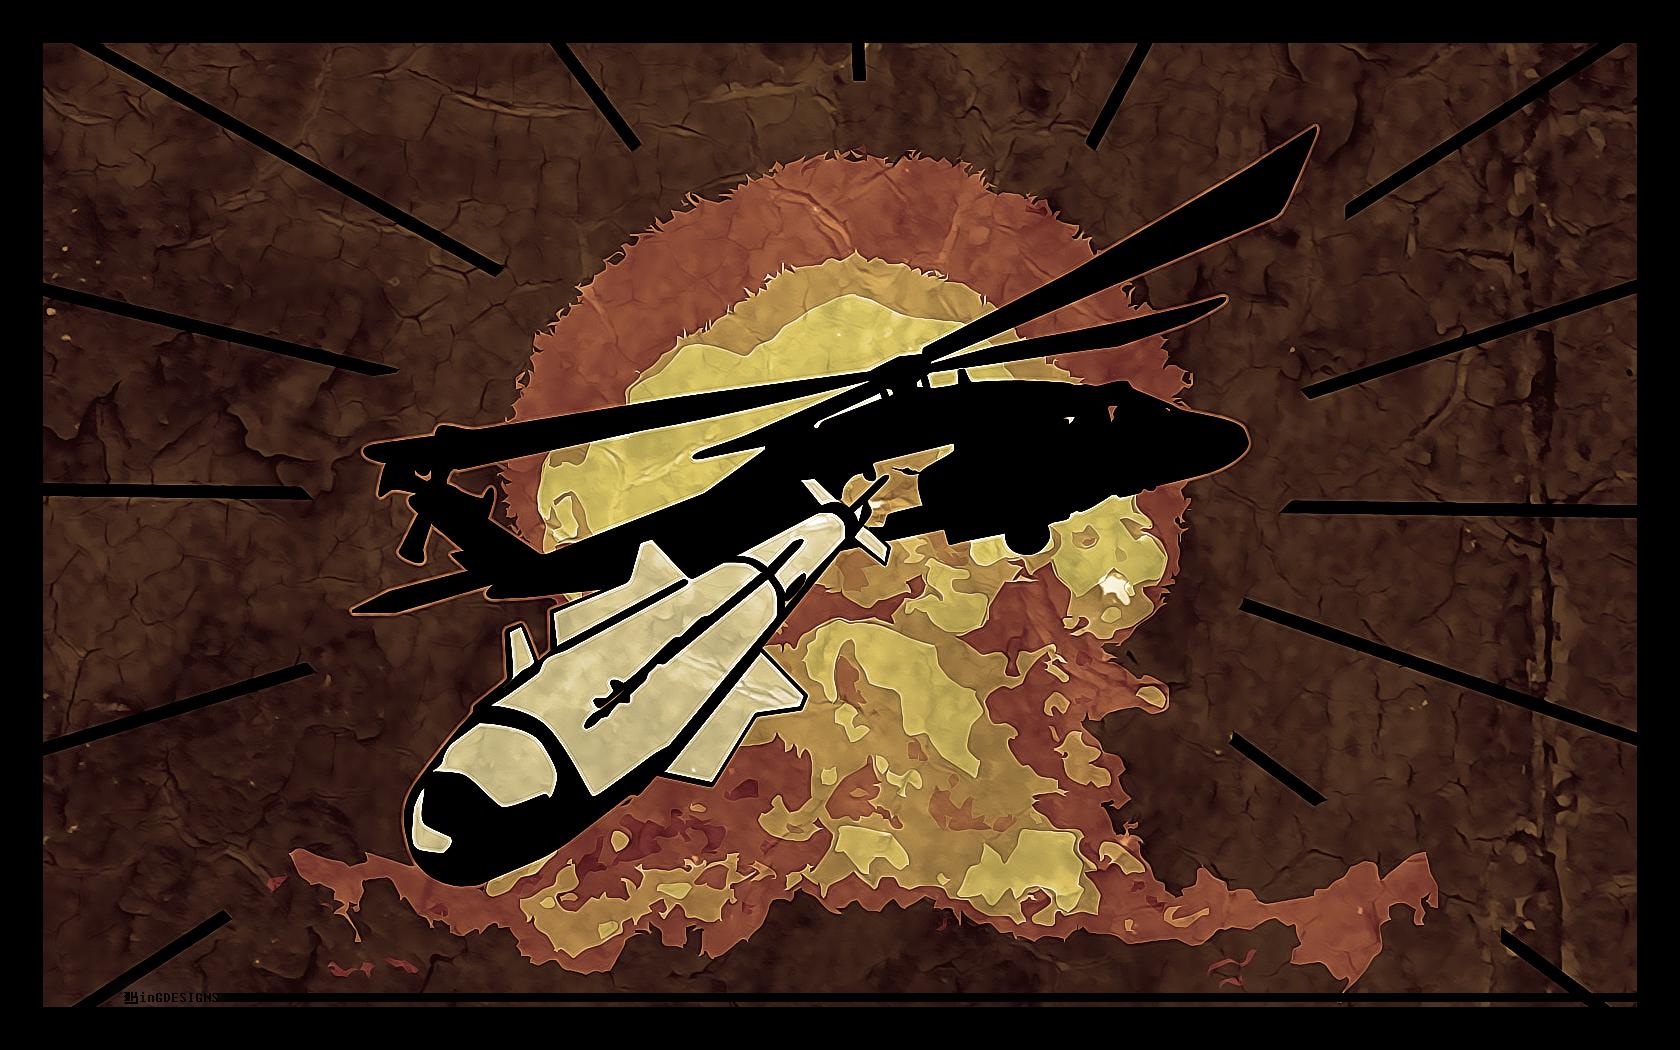 Helicoptero Hd Fondos De Escritorio: Helicóptero Fondos De Pantalla, Fondos De Escritorio